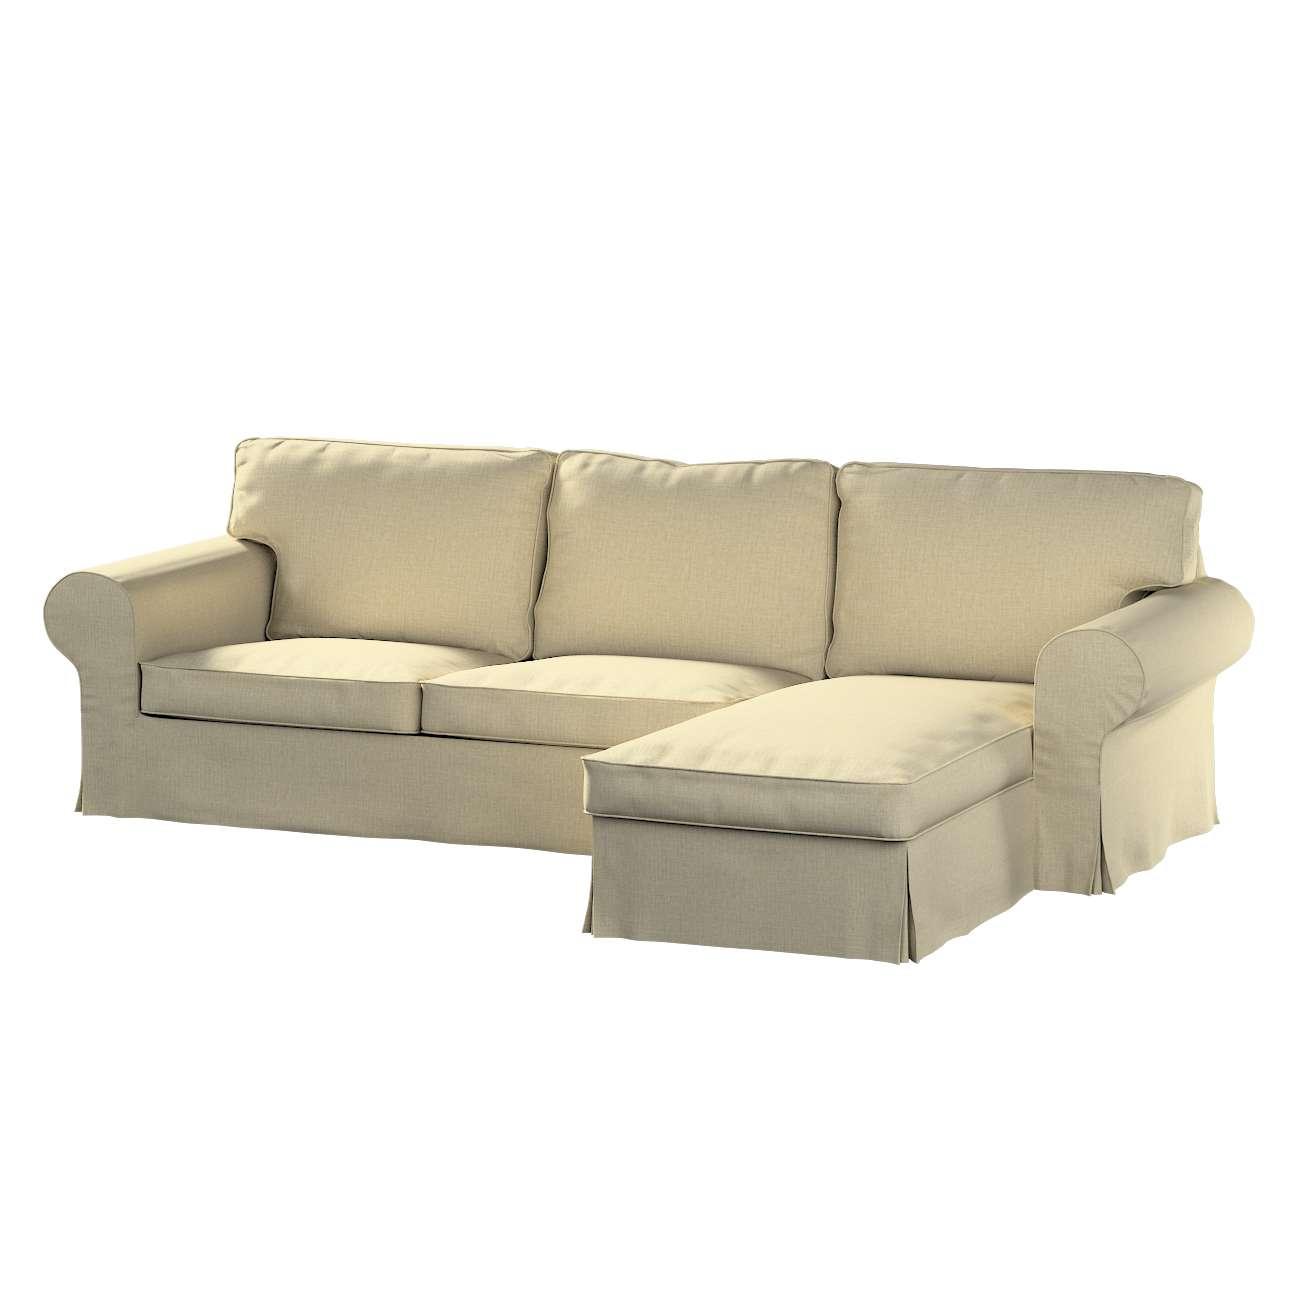 Pokrowiec na sofę Ektorp 2-osobową i leżankę w kolekcji Living, tkanina: 161-45